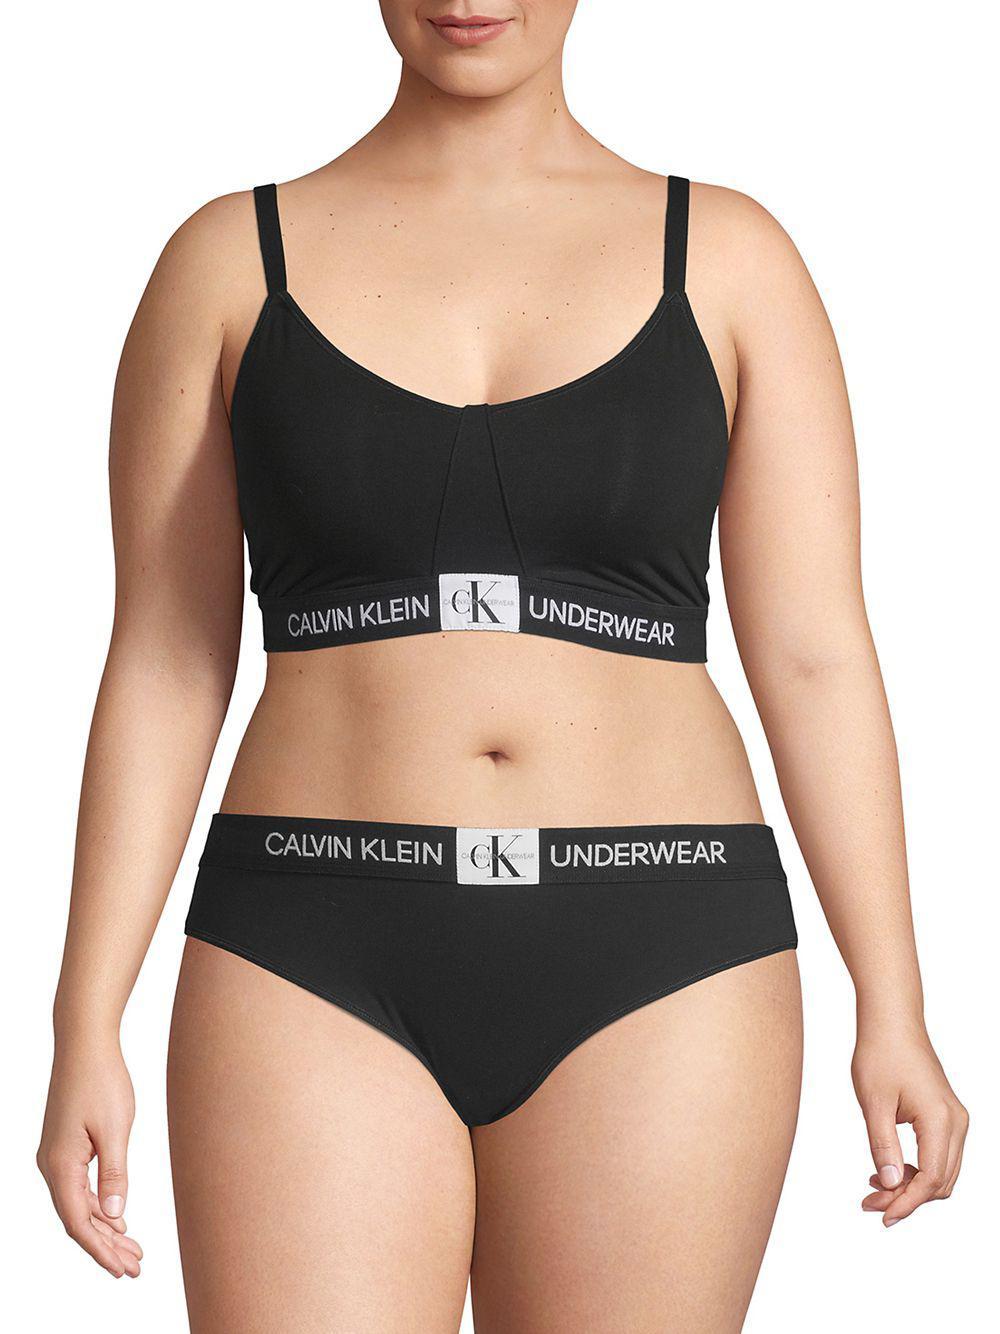 a9ca45e9850b6 Lyst - Calvin Klein Unlined Sports Bra in Black